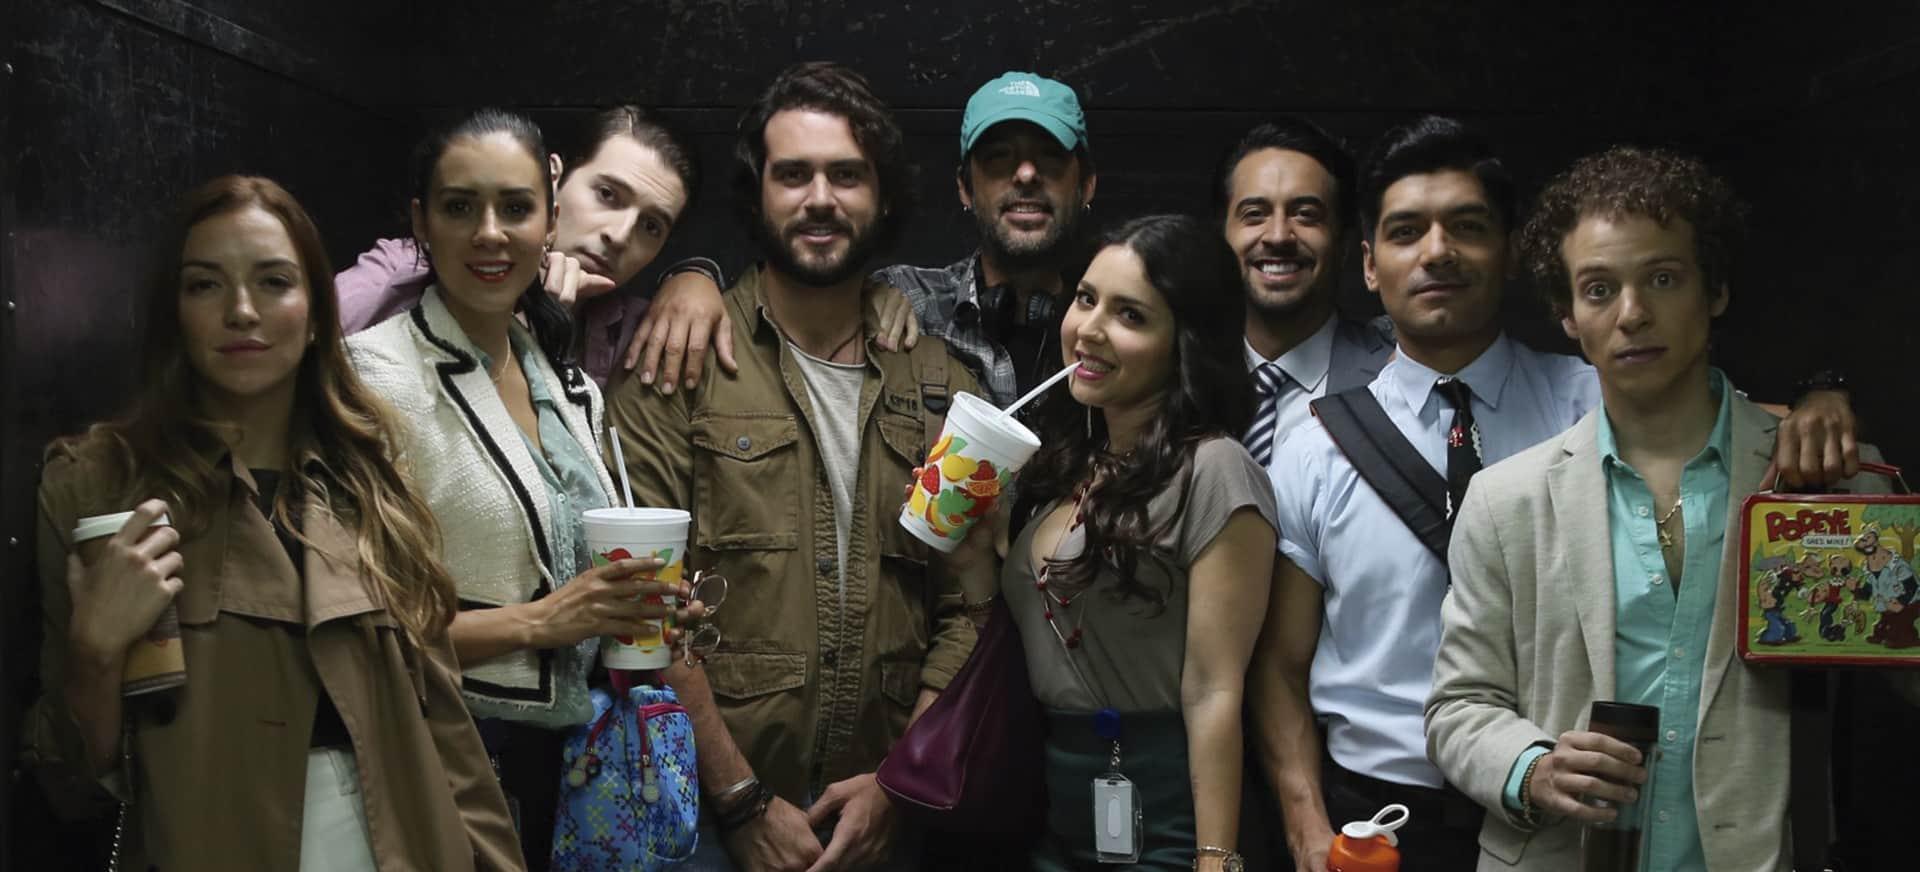 Las mejores comedias de ensamble en el cine mexicano